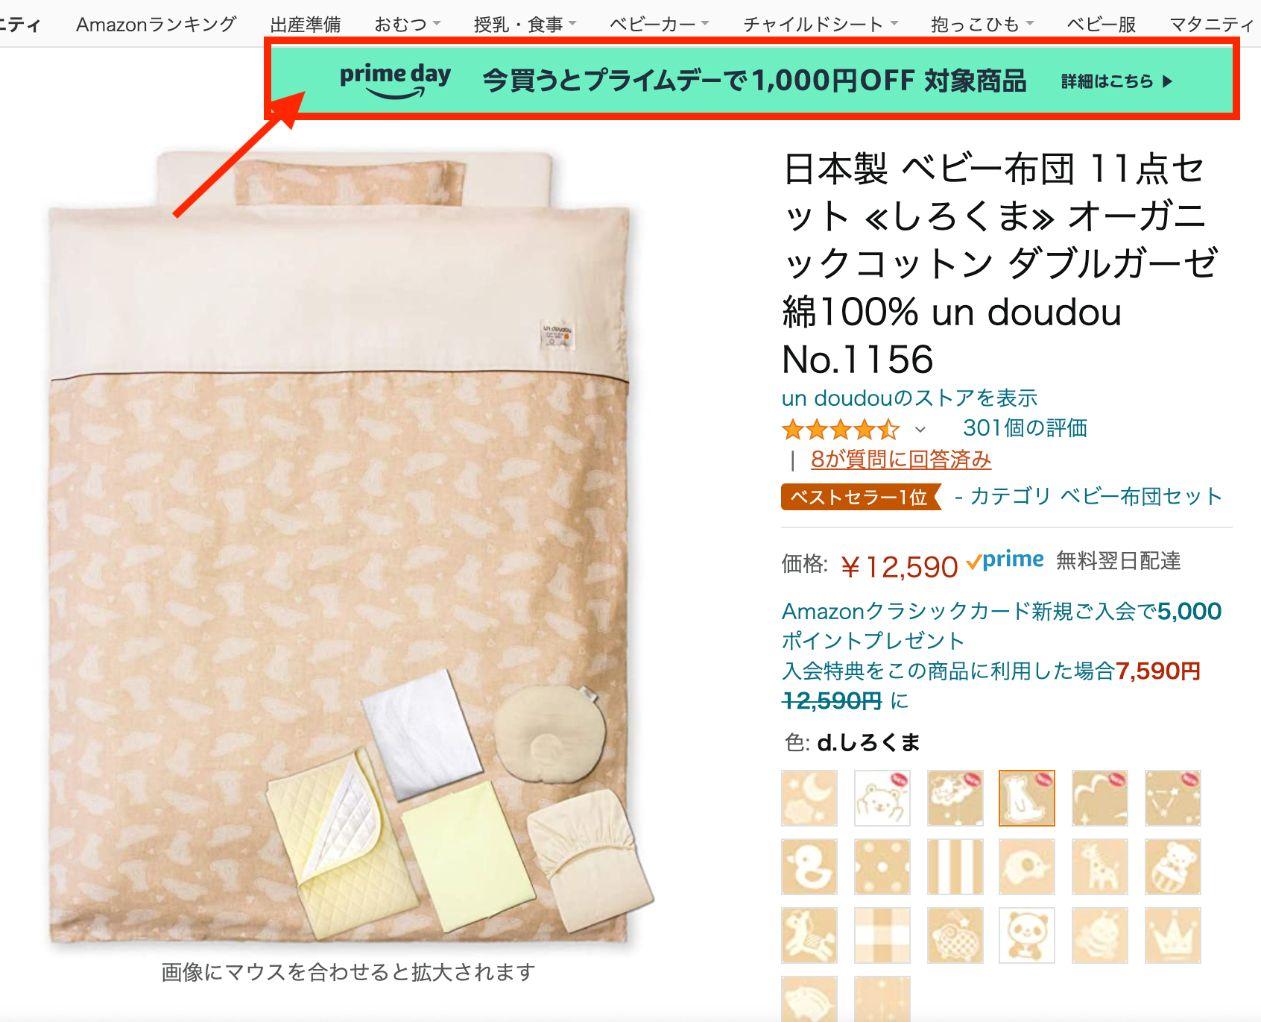 Amazonプライムデー2021 日本の中小企業を応援キャンペーン 確認方法